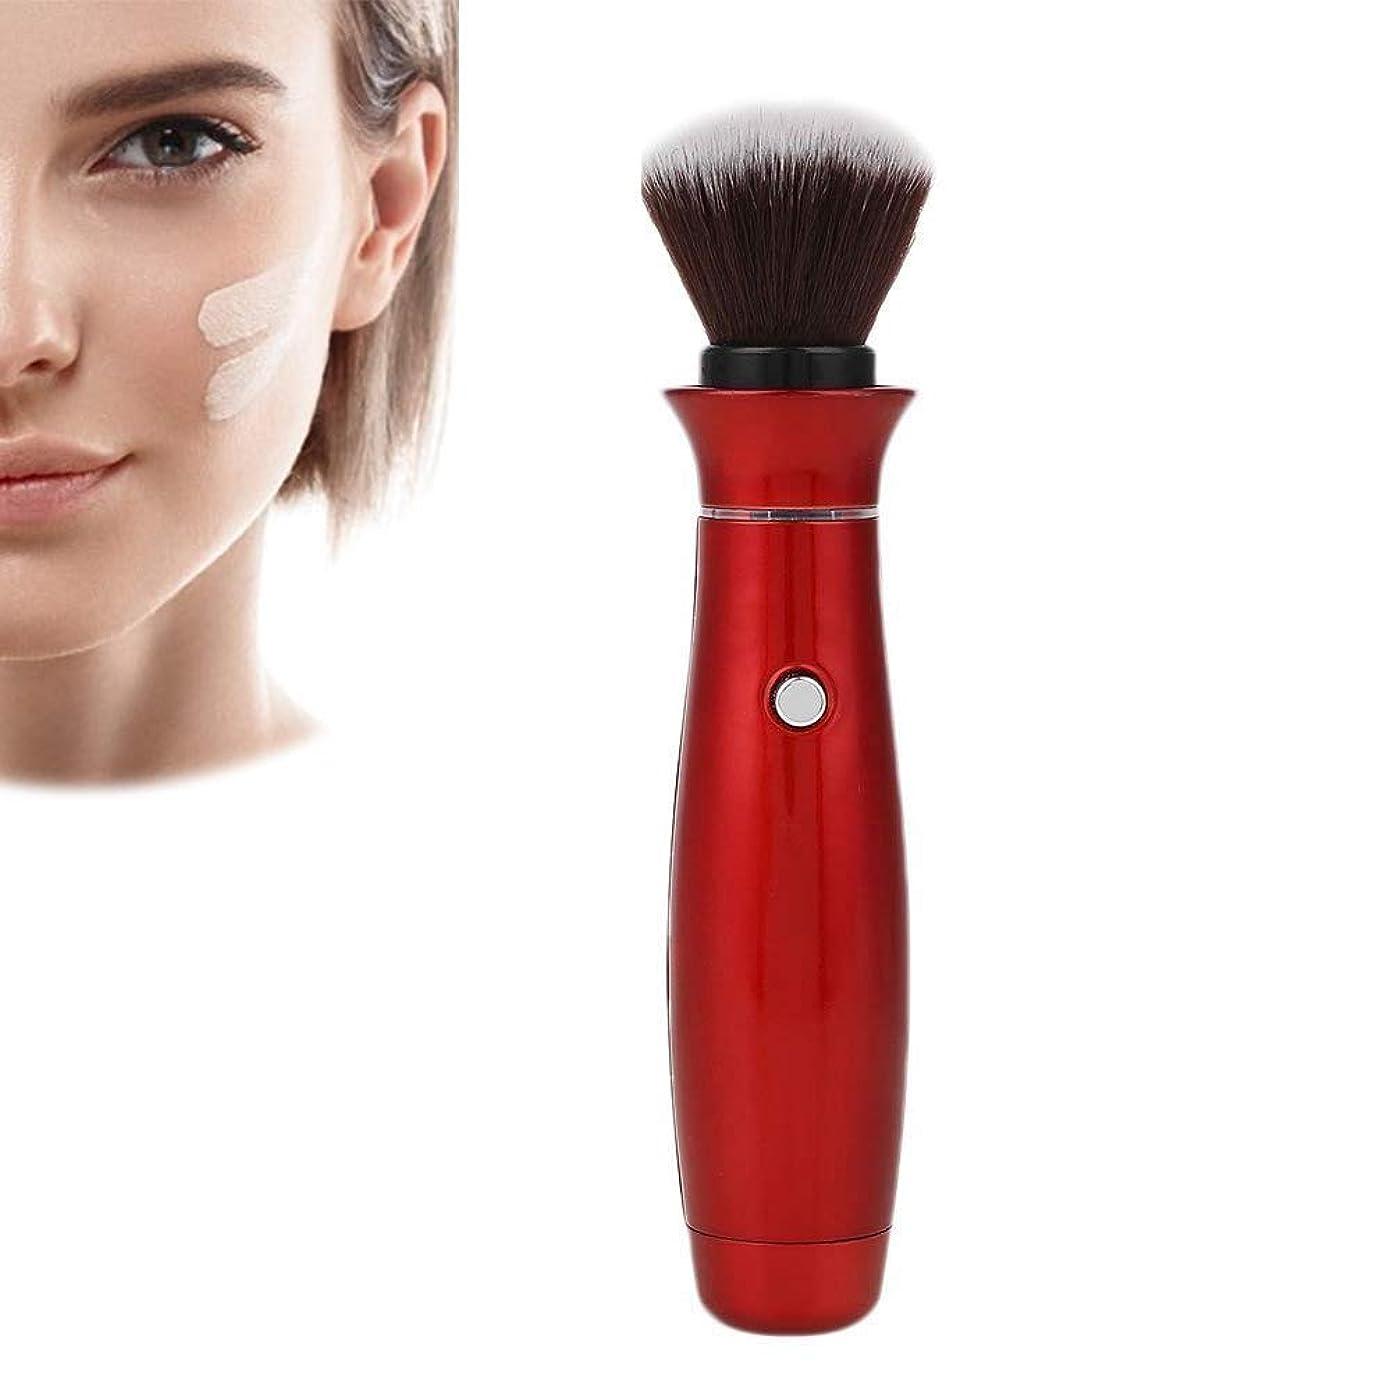 サンプル名前を作る印をつける新しい化粧ブラシフェイシャルマッサージブラシ電気クリーニングブラシウォッシュブラシ美容メイクアップツール